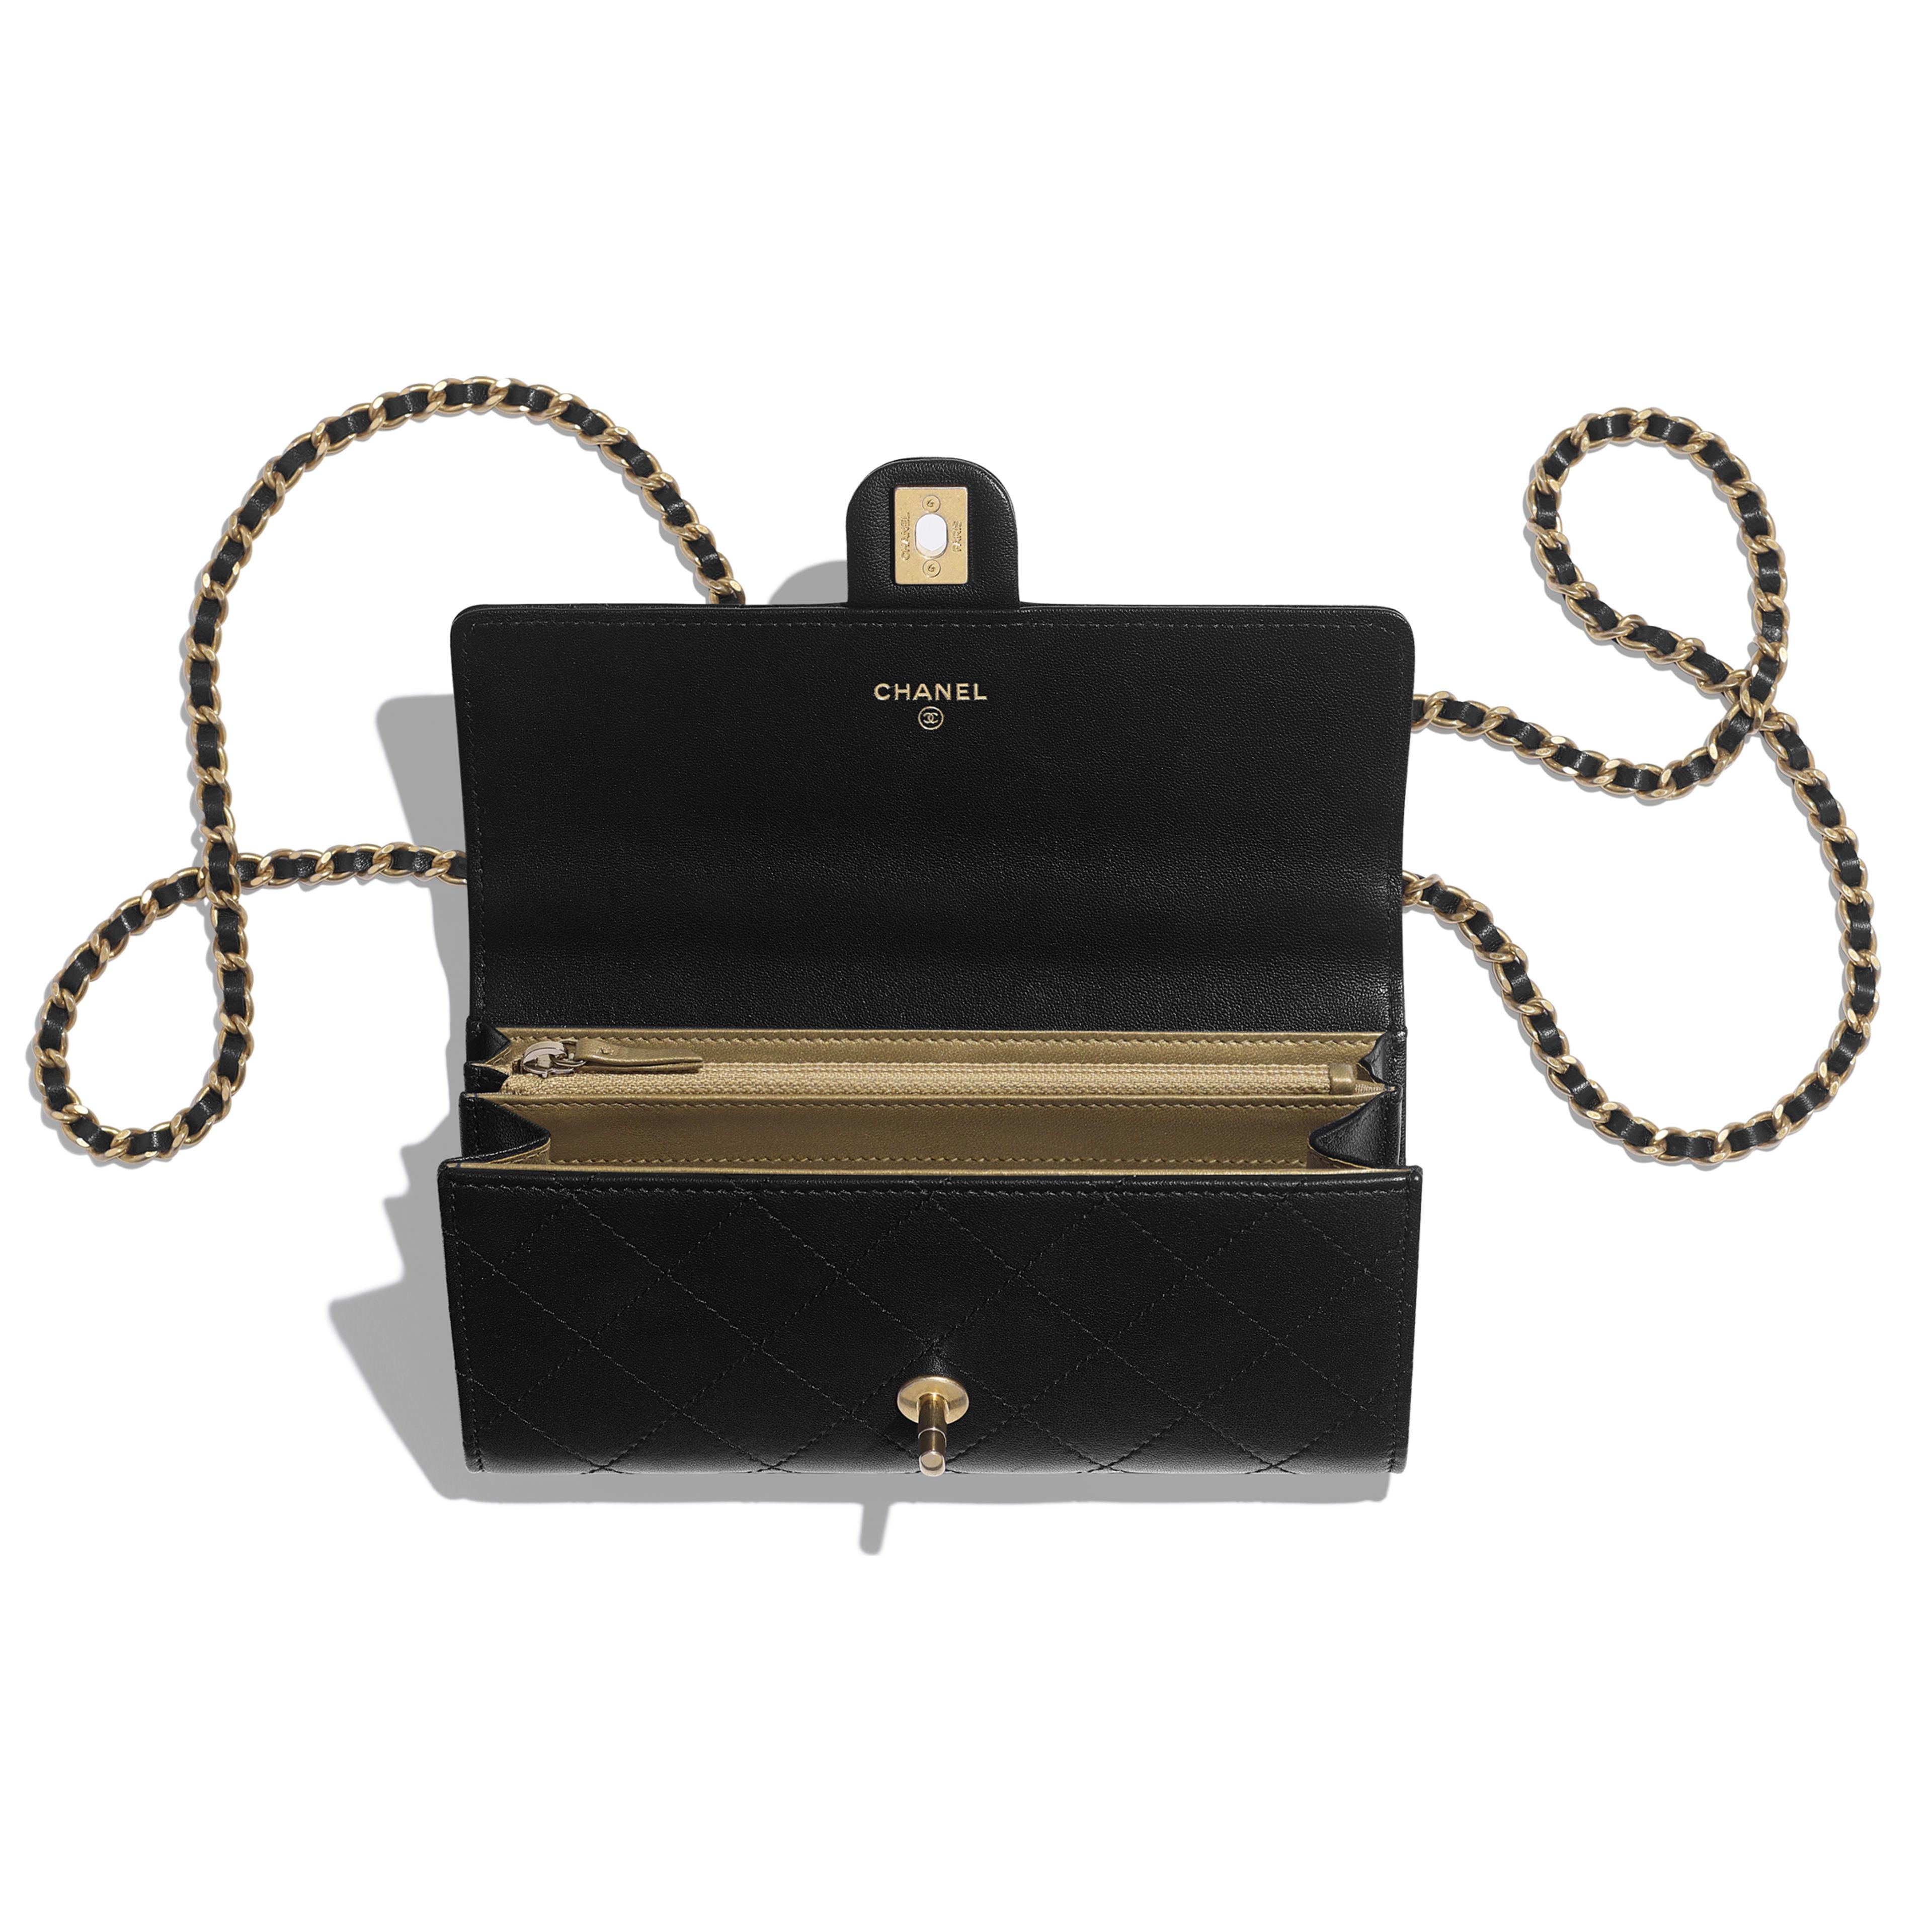 กระเป๋าคลัทช์พร้อมสายโซ่ - สีดำ - หนังแพะ, มุกสังเคราะห์ และโลหะสีทอง - มุมมองอื่น - ดูเวอร์ชันขนาดเต็ม